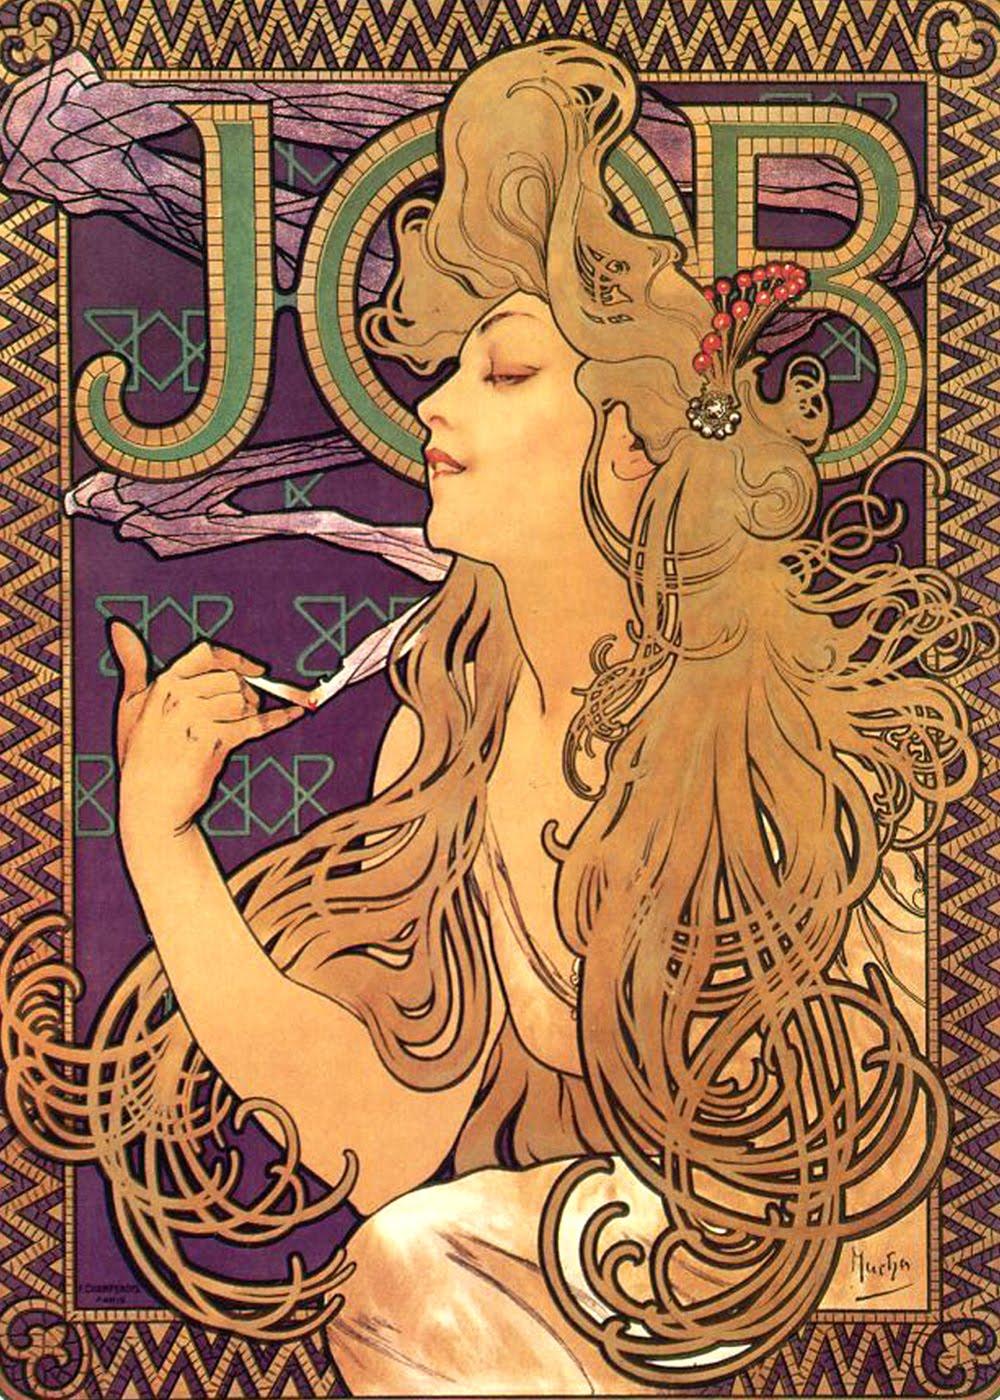 Lettura dell immagine il manifesto art nouveau alphonse mucha job